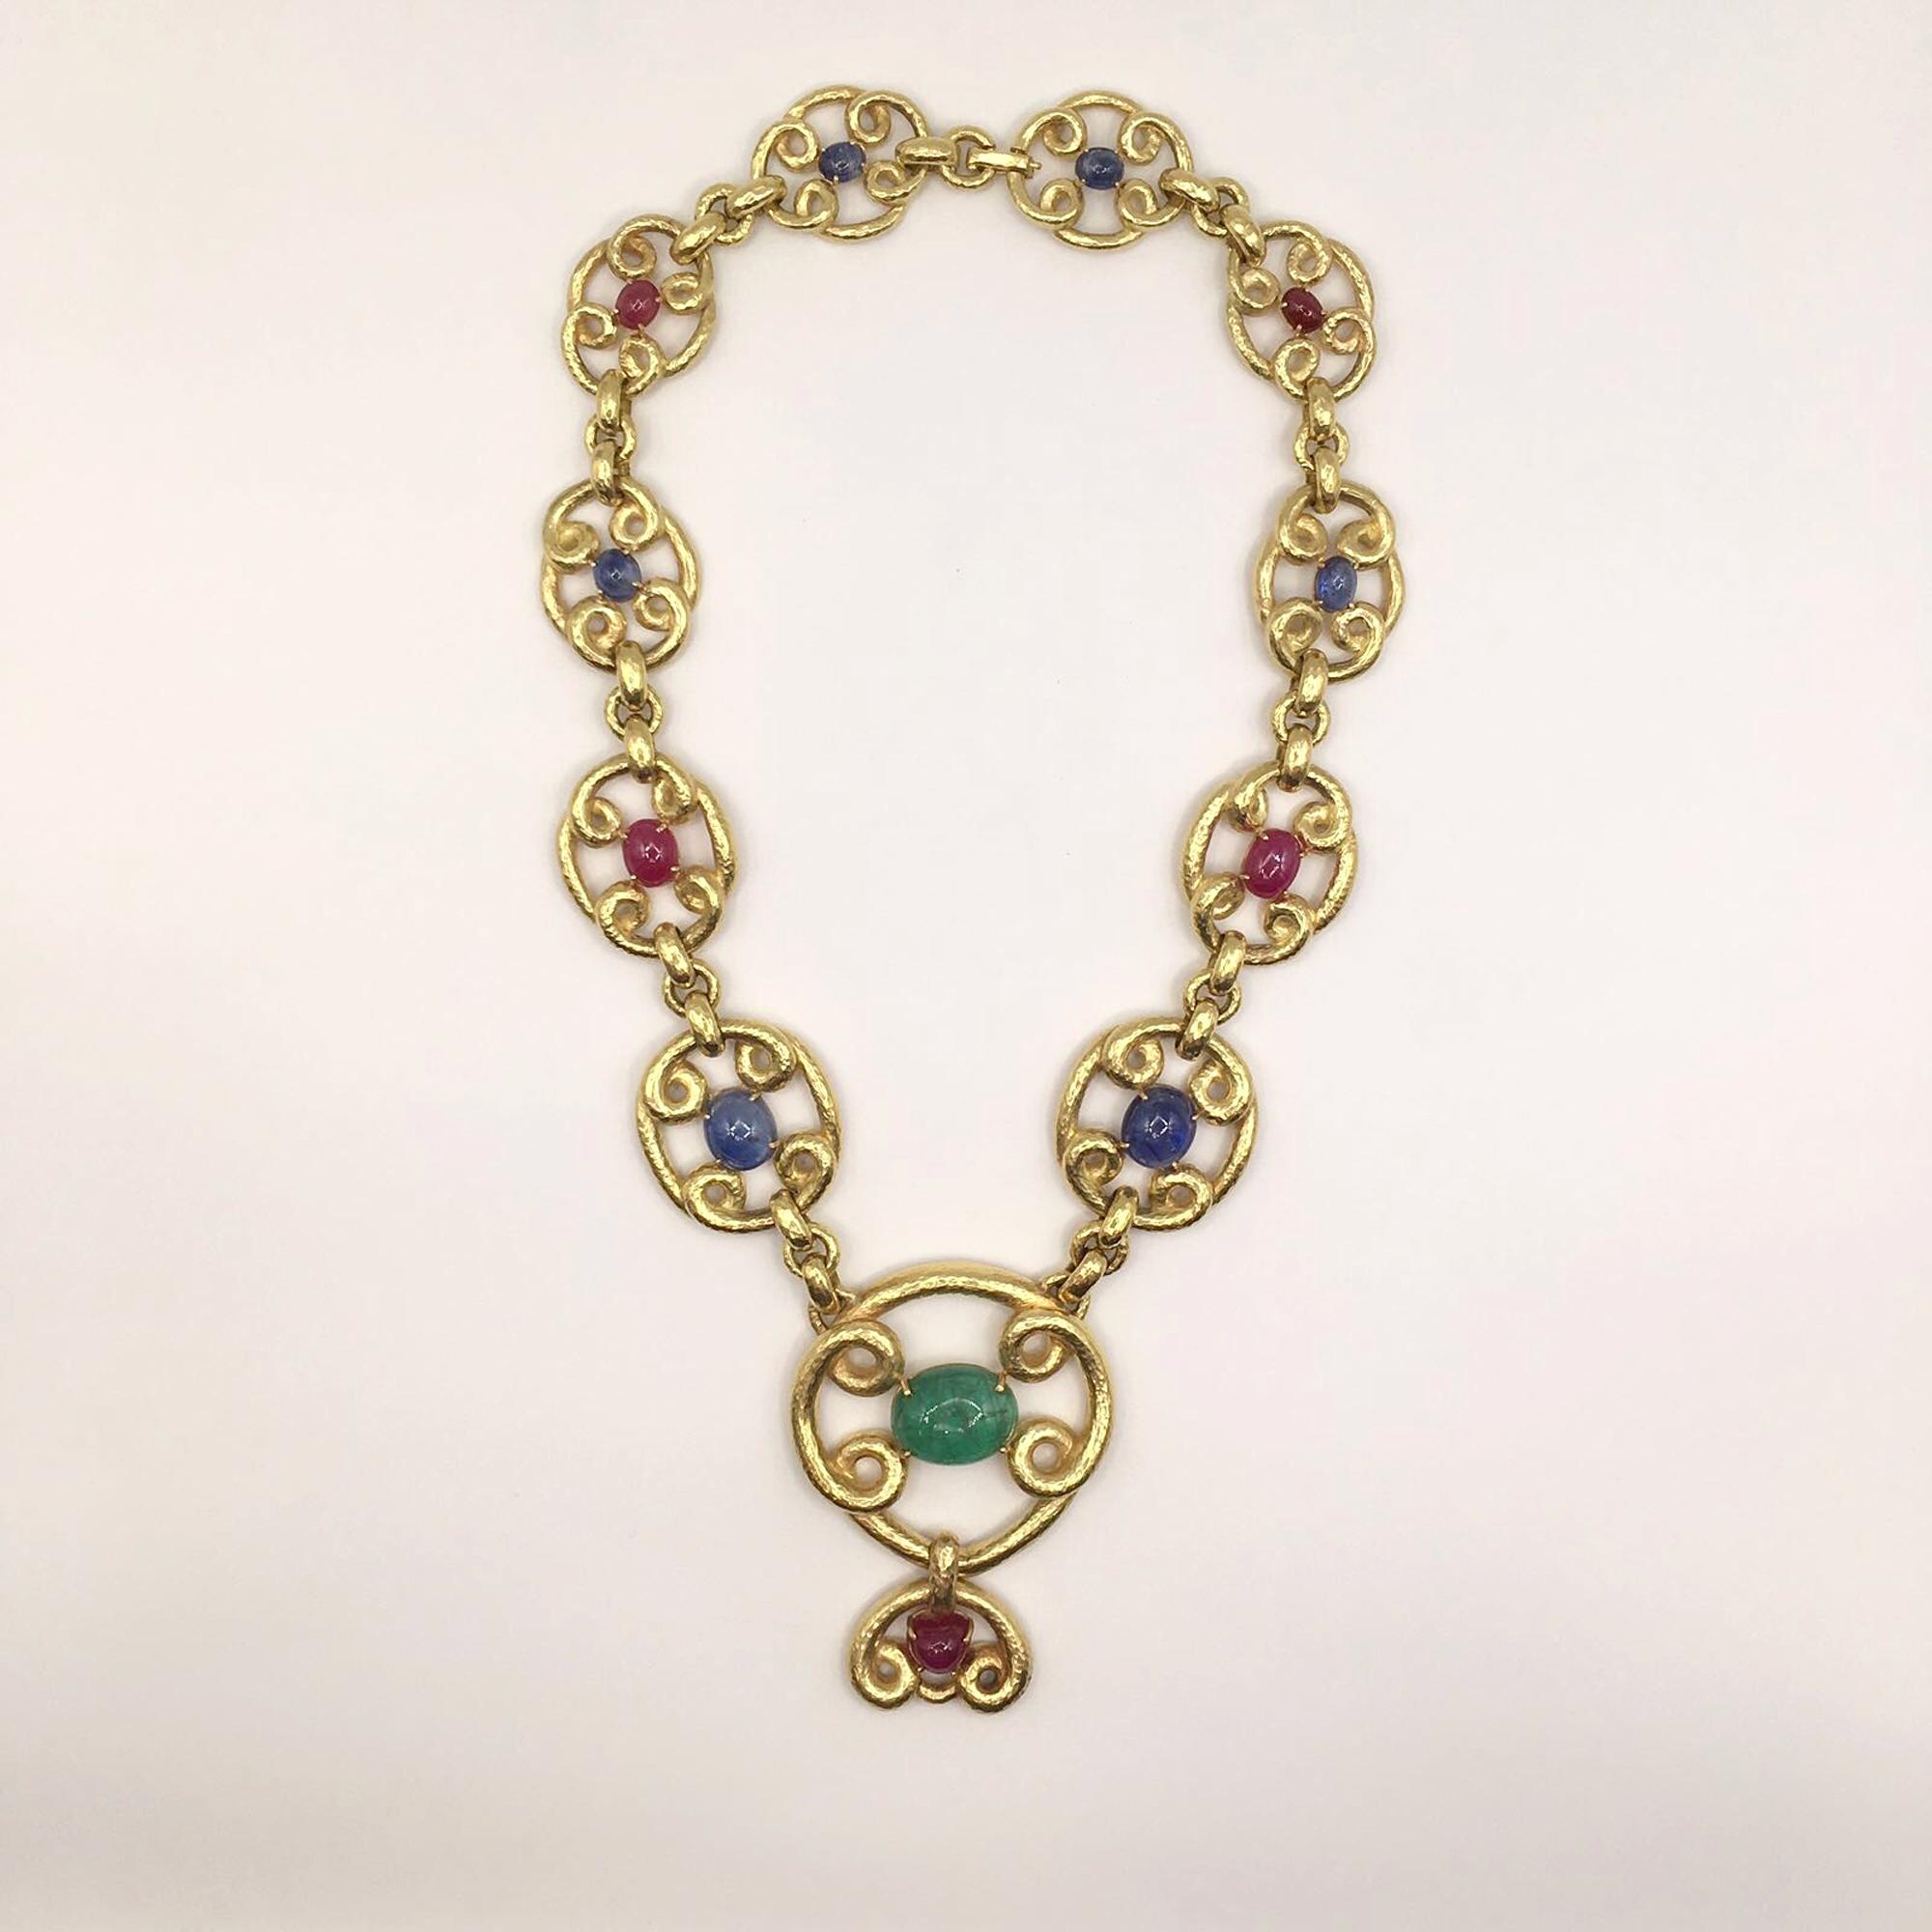 collana in oro, smeraldi, zaffiri e rubini